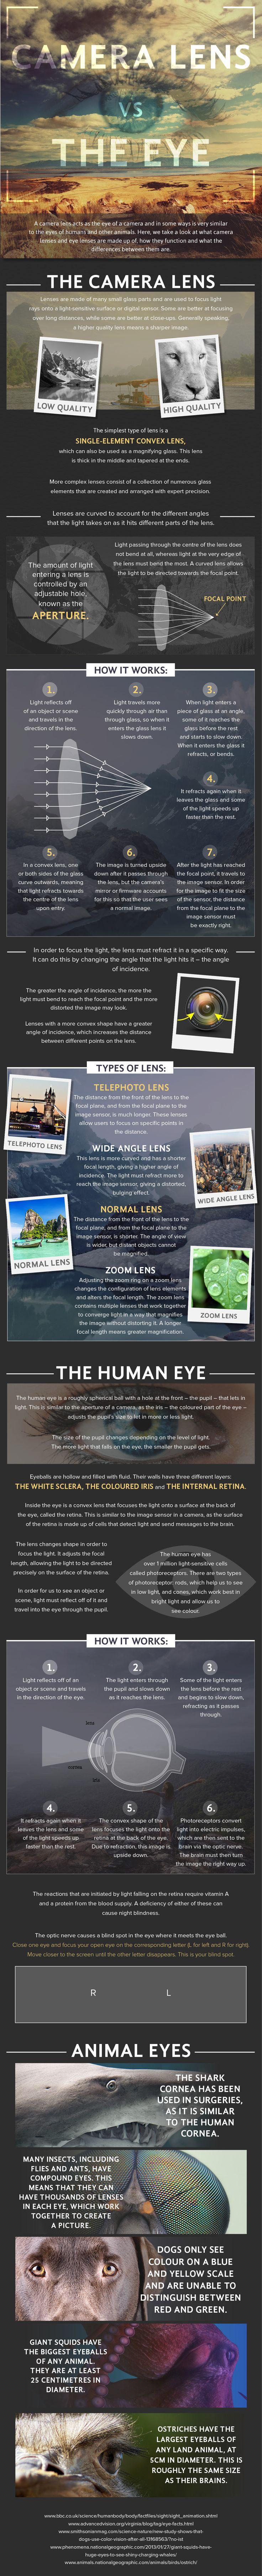 Camera Lens vs. The Eye (Infographic)